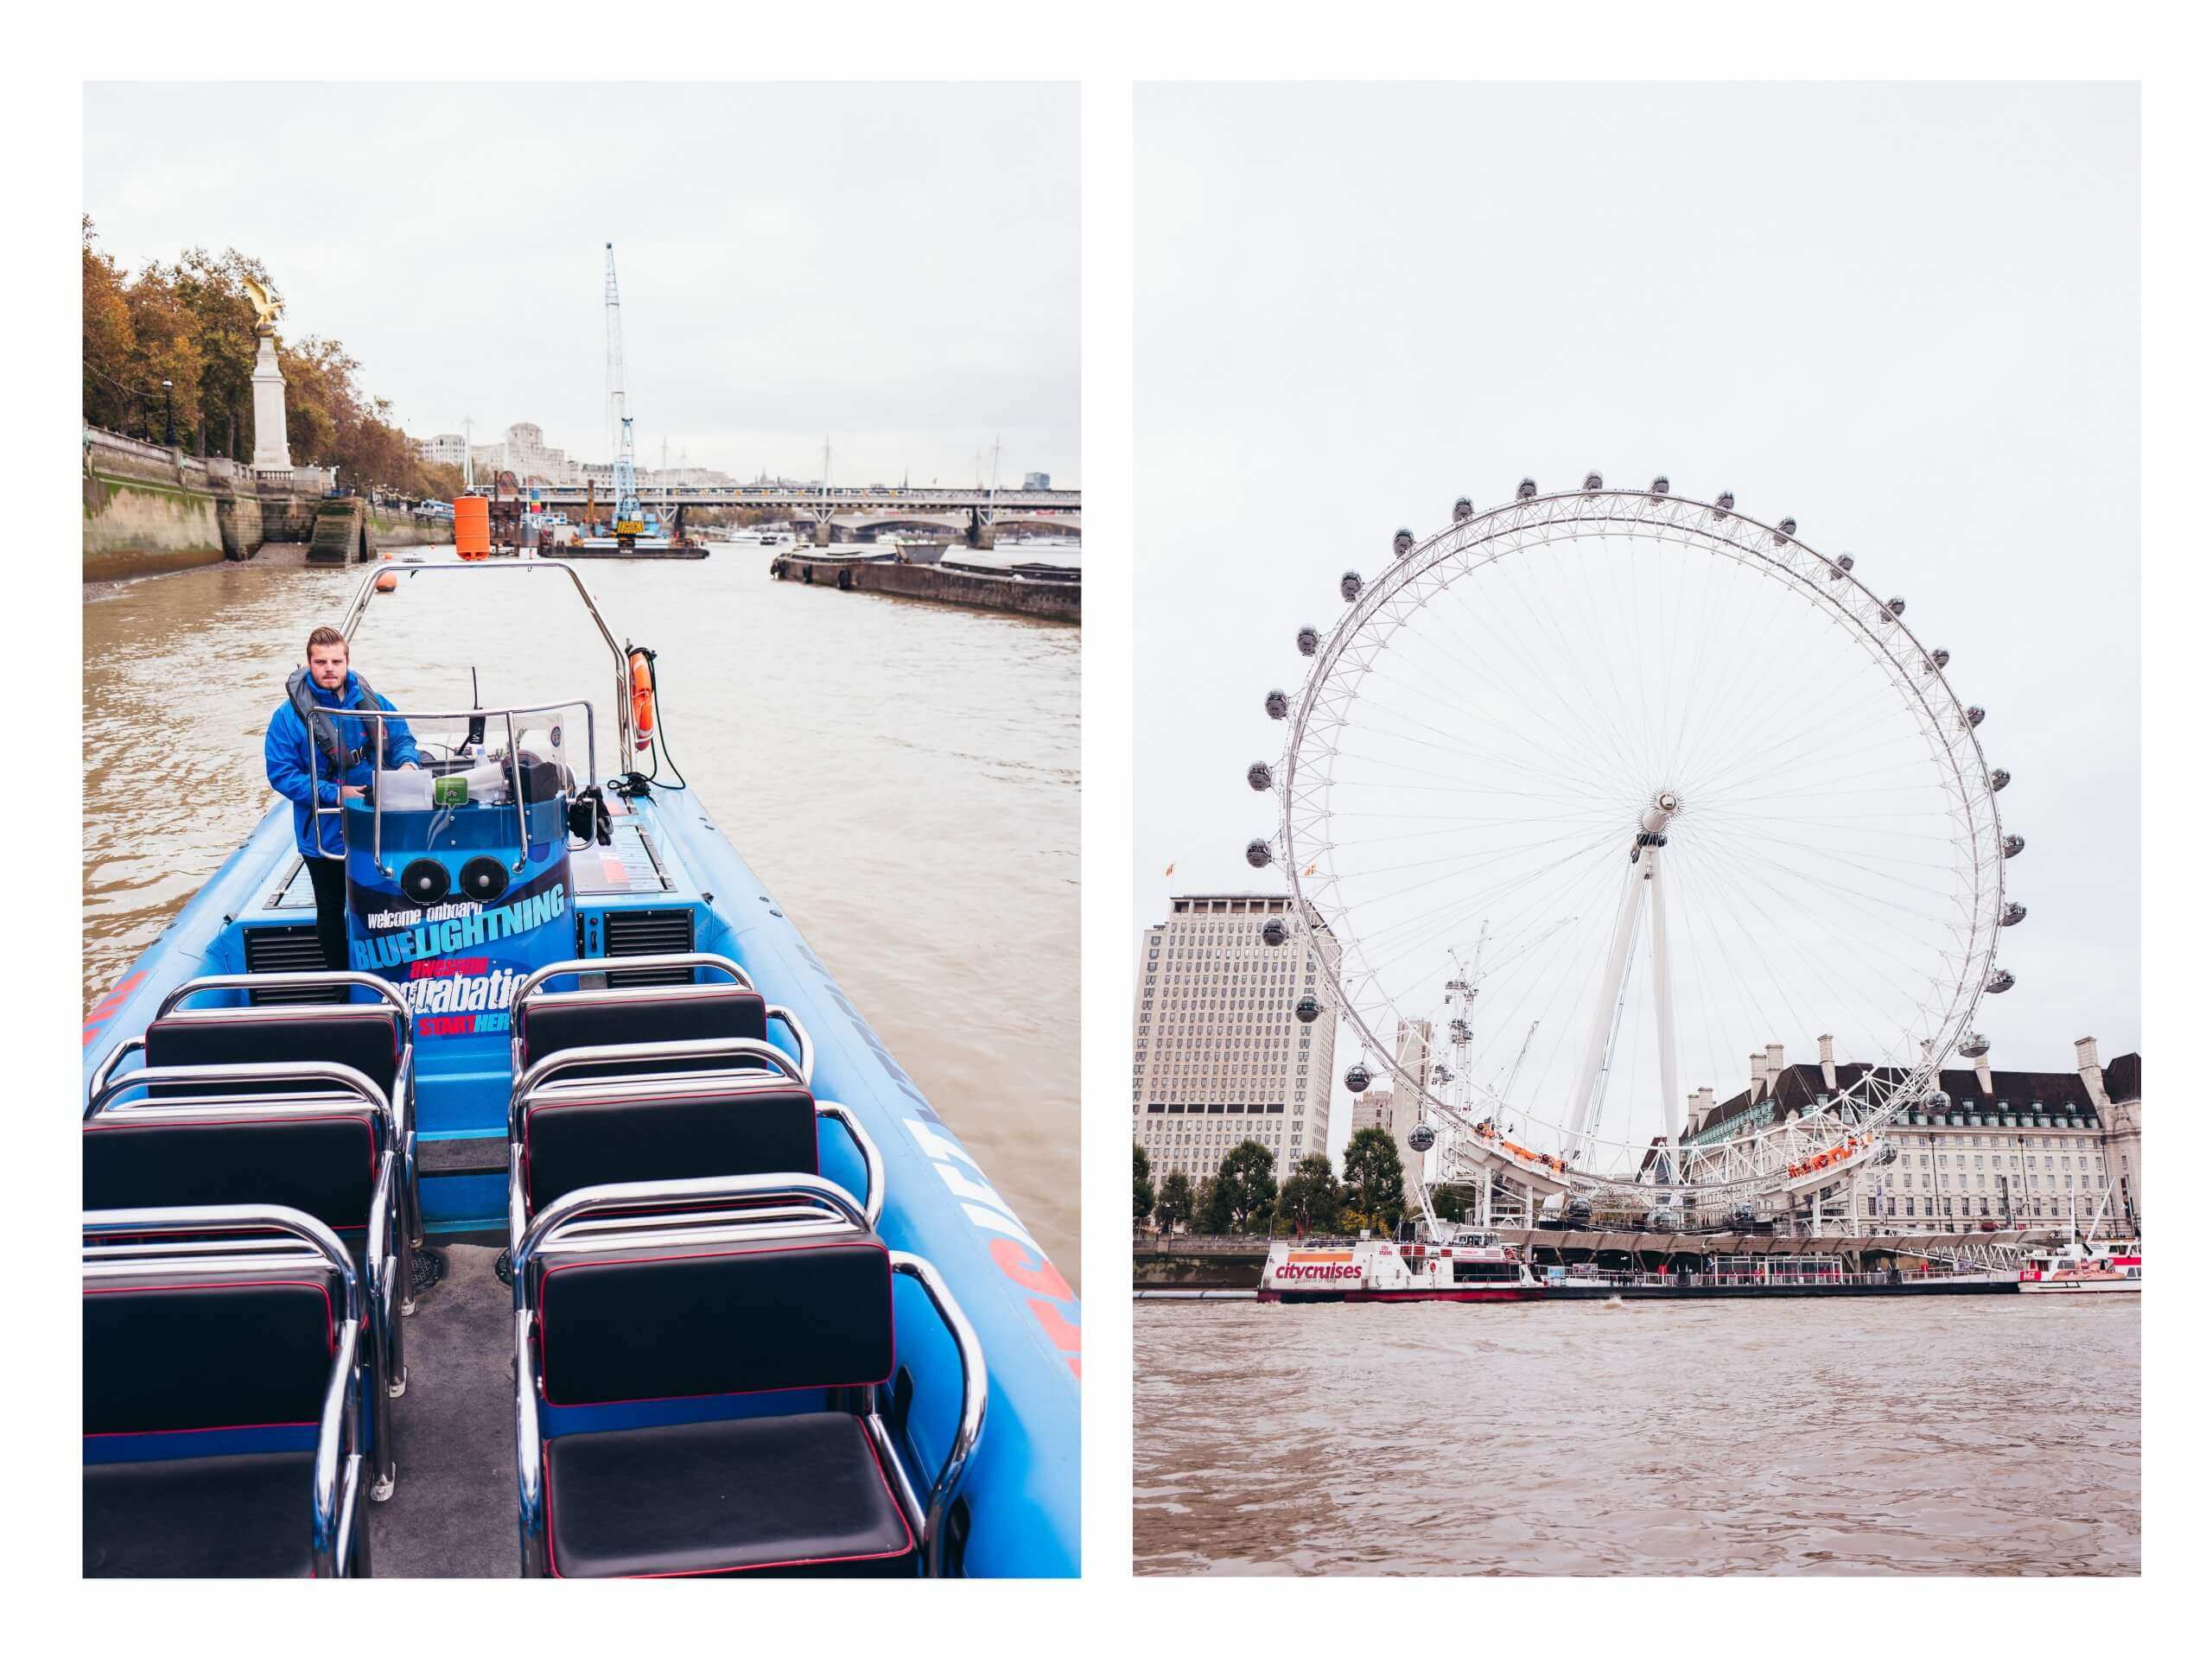 janni-deler-speedboat-londonl1160050-copy